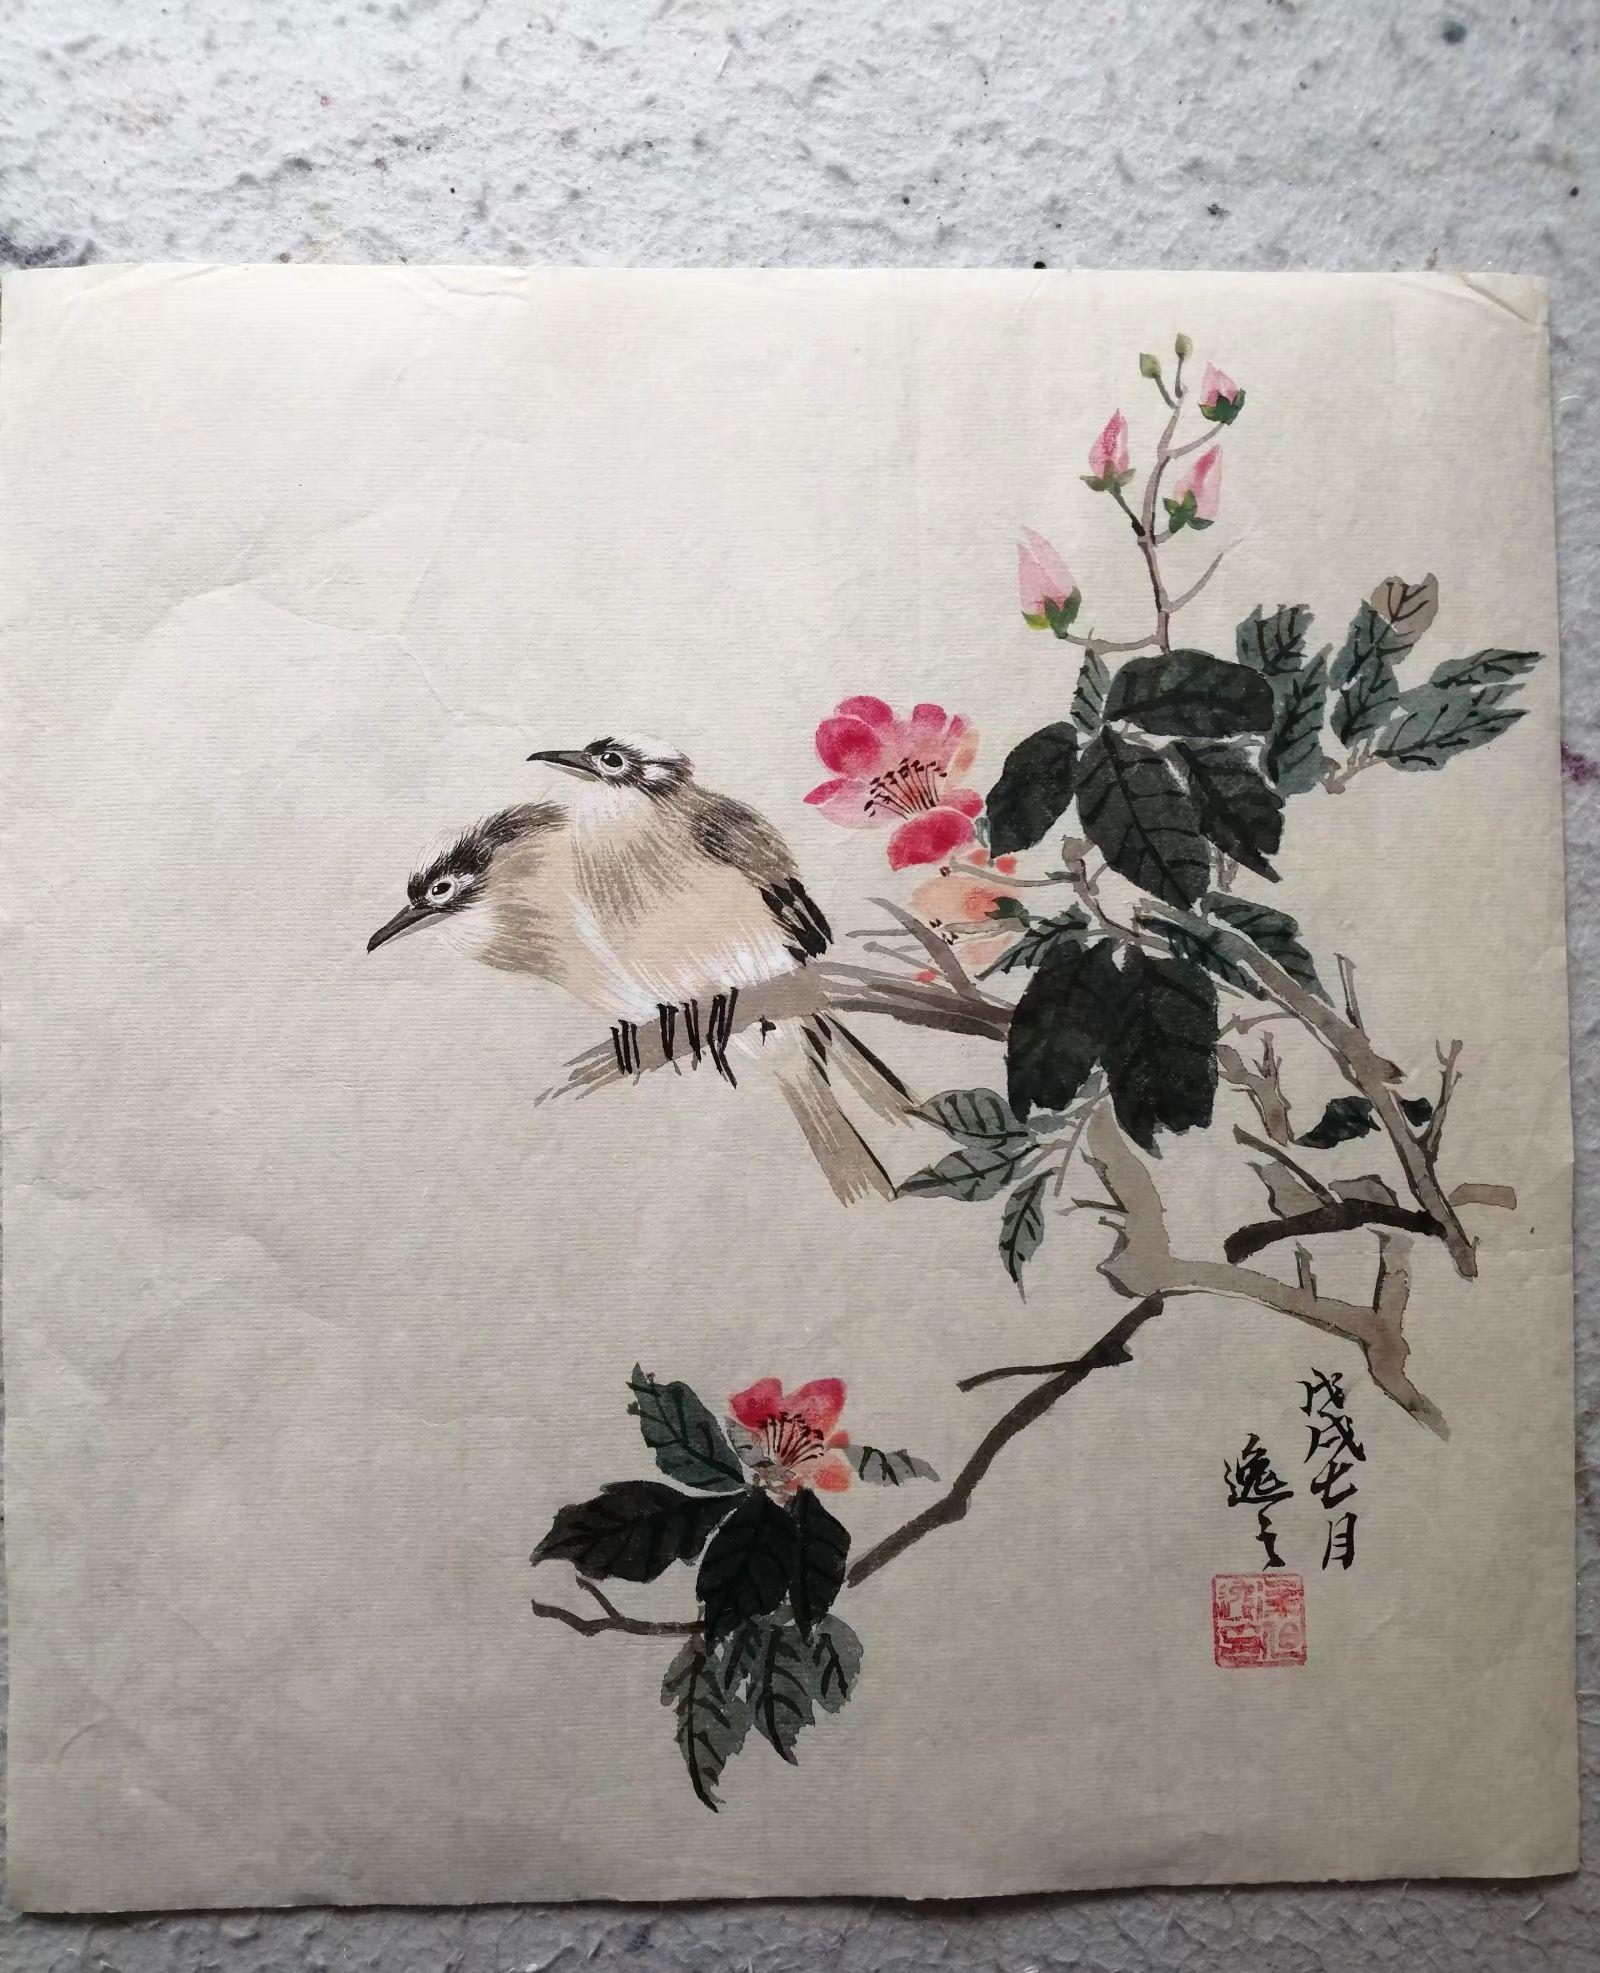 共赏中国书画的清新脱俗